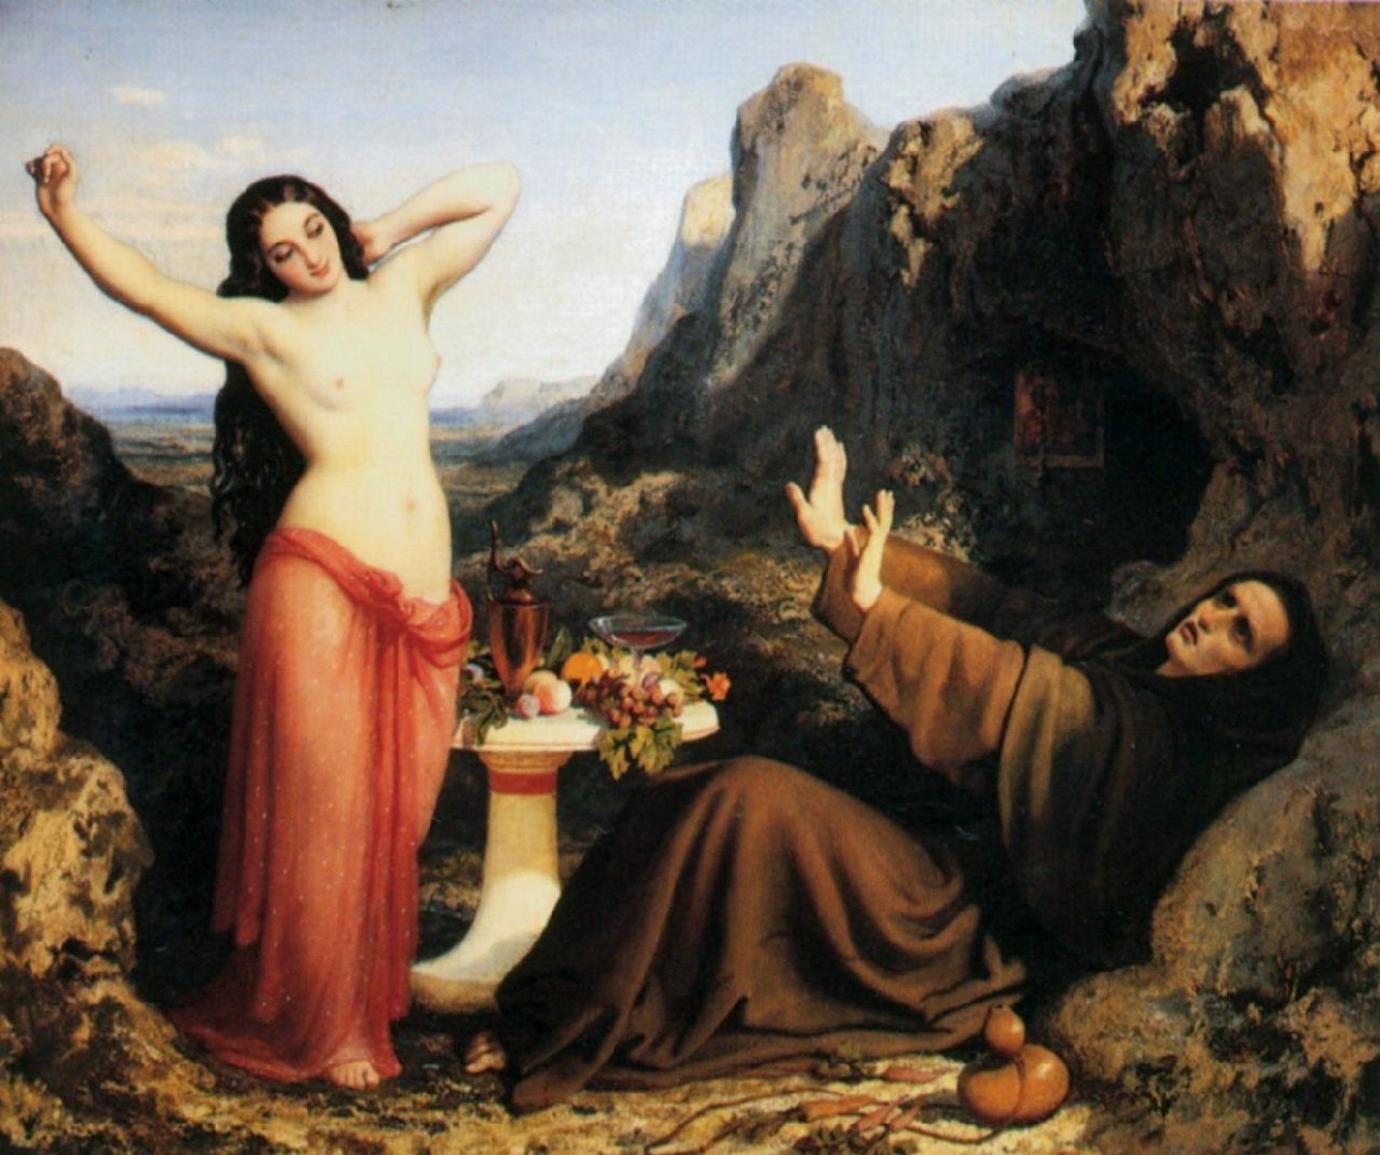 Секс и христианство 13 фотография